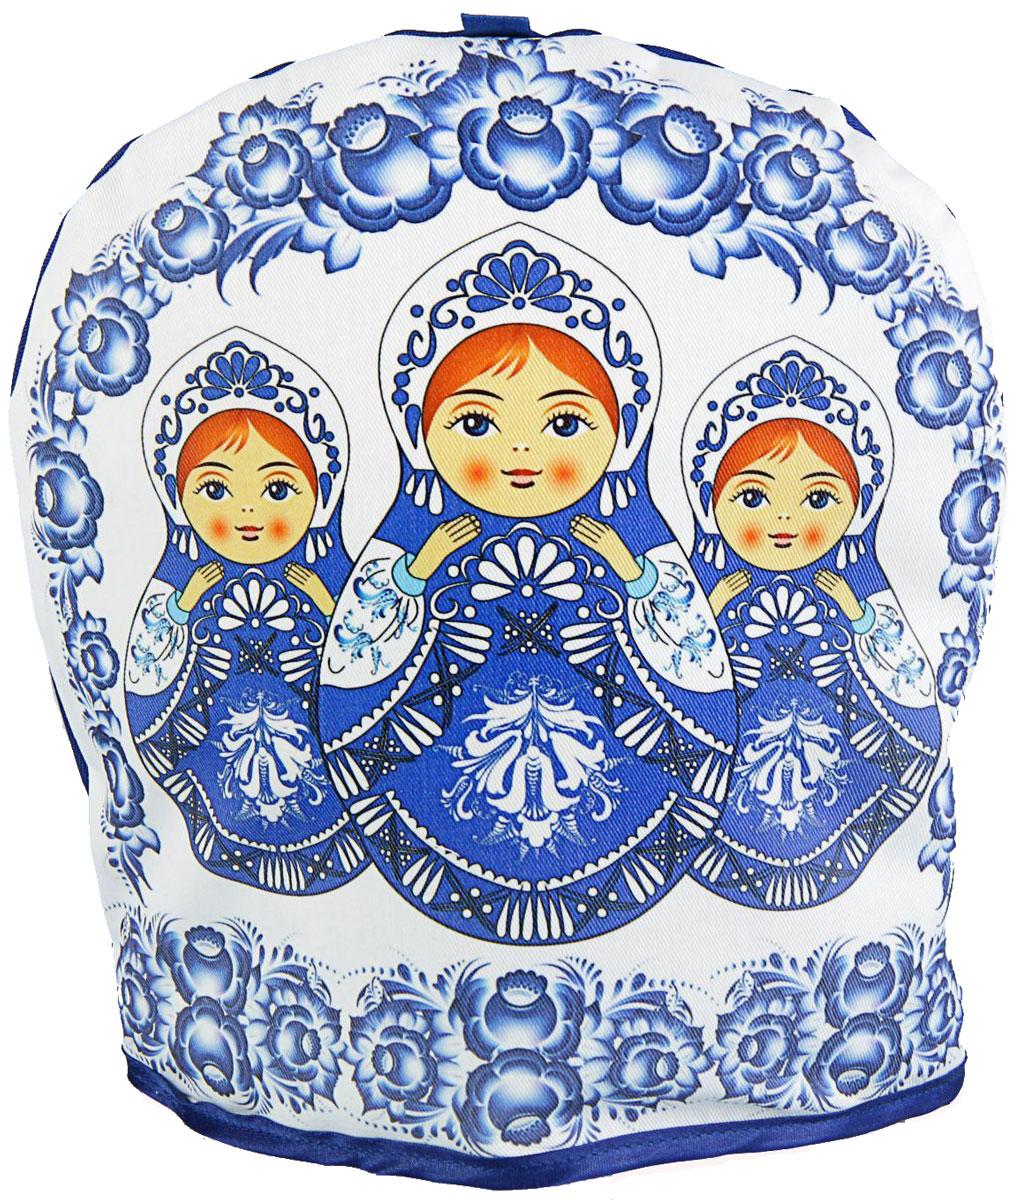 Грелка на чайник Русская красавица, 25 х 24 х 3 см2333849Текстильные товары пользовались большой популярностью во все времена. Это беспроигрышный подарок, ведь все любят мягкие и приятные на ощупь ткани. Грелка на чайник — неповторимое сочетание необычного дизайна и высокого качества.